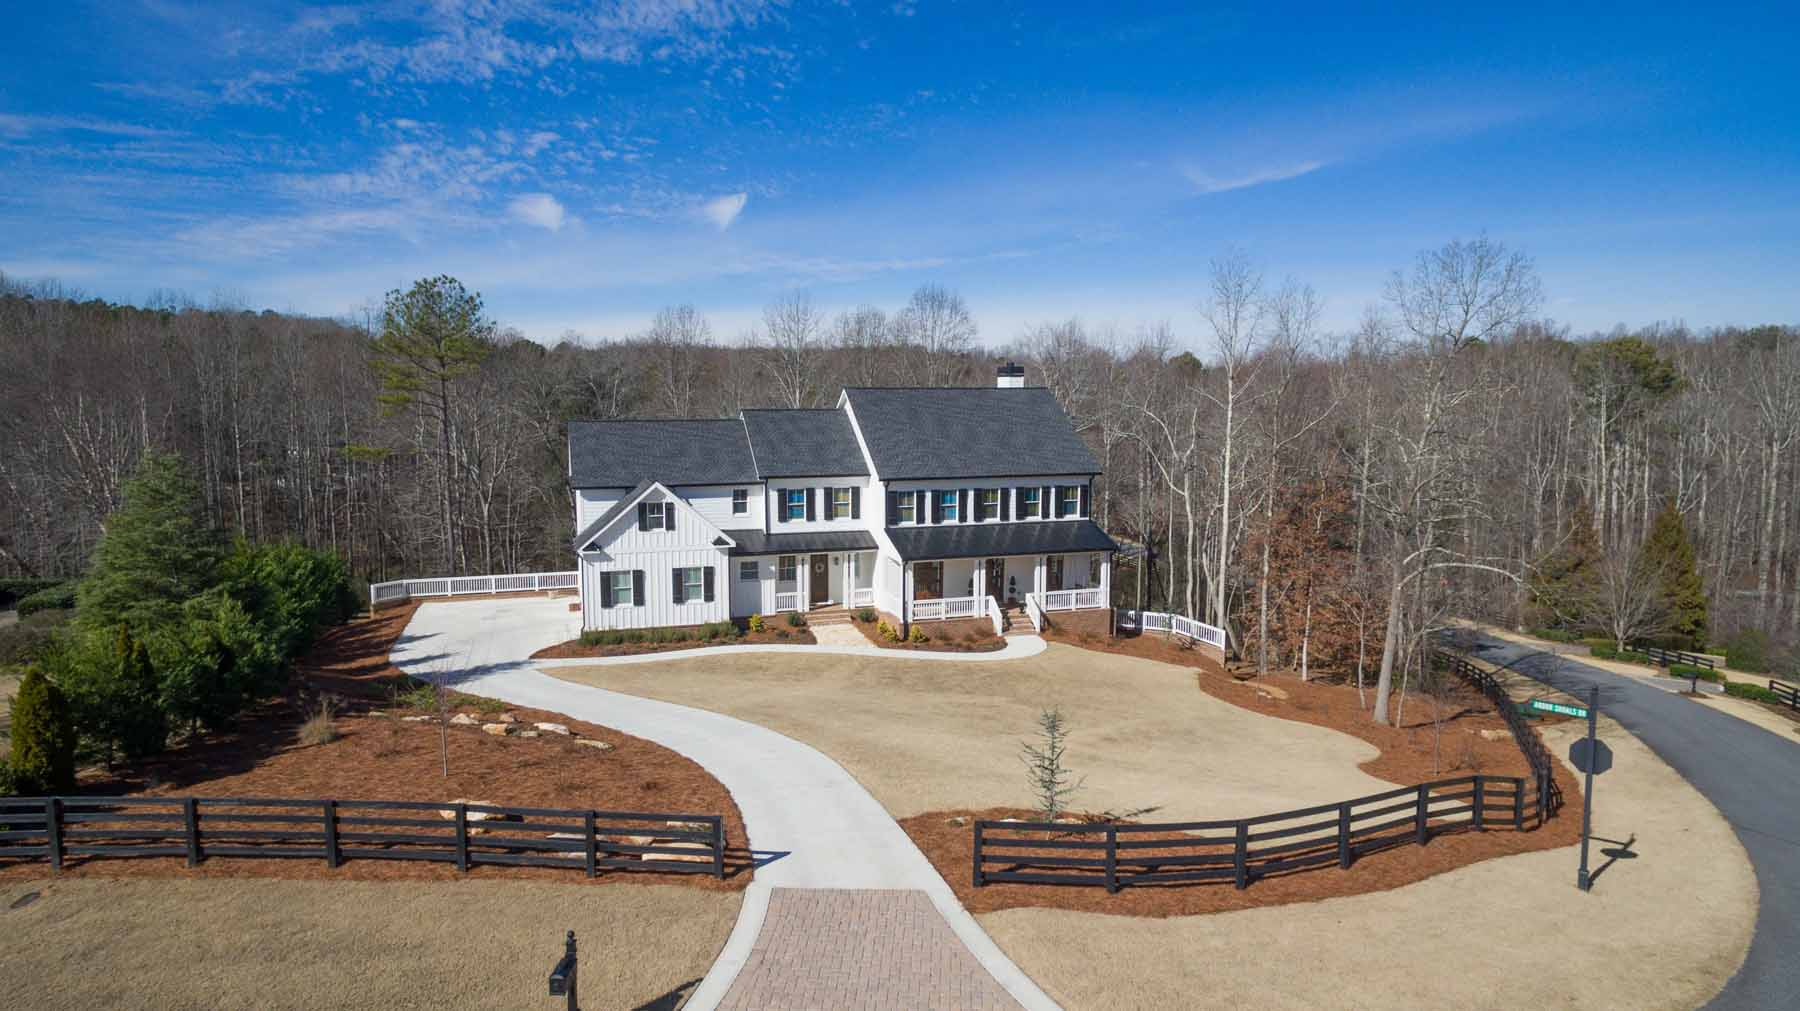 Maison unifamiliale pour l Vente à Southern Farmhouse 135 Arbor Shoals Dr Canton, Georgia, 30115 États-Unis